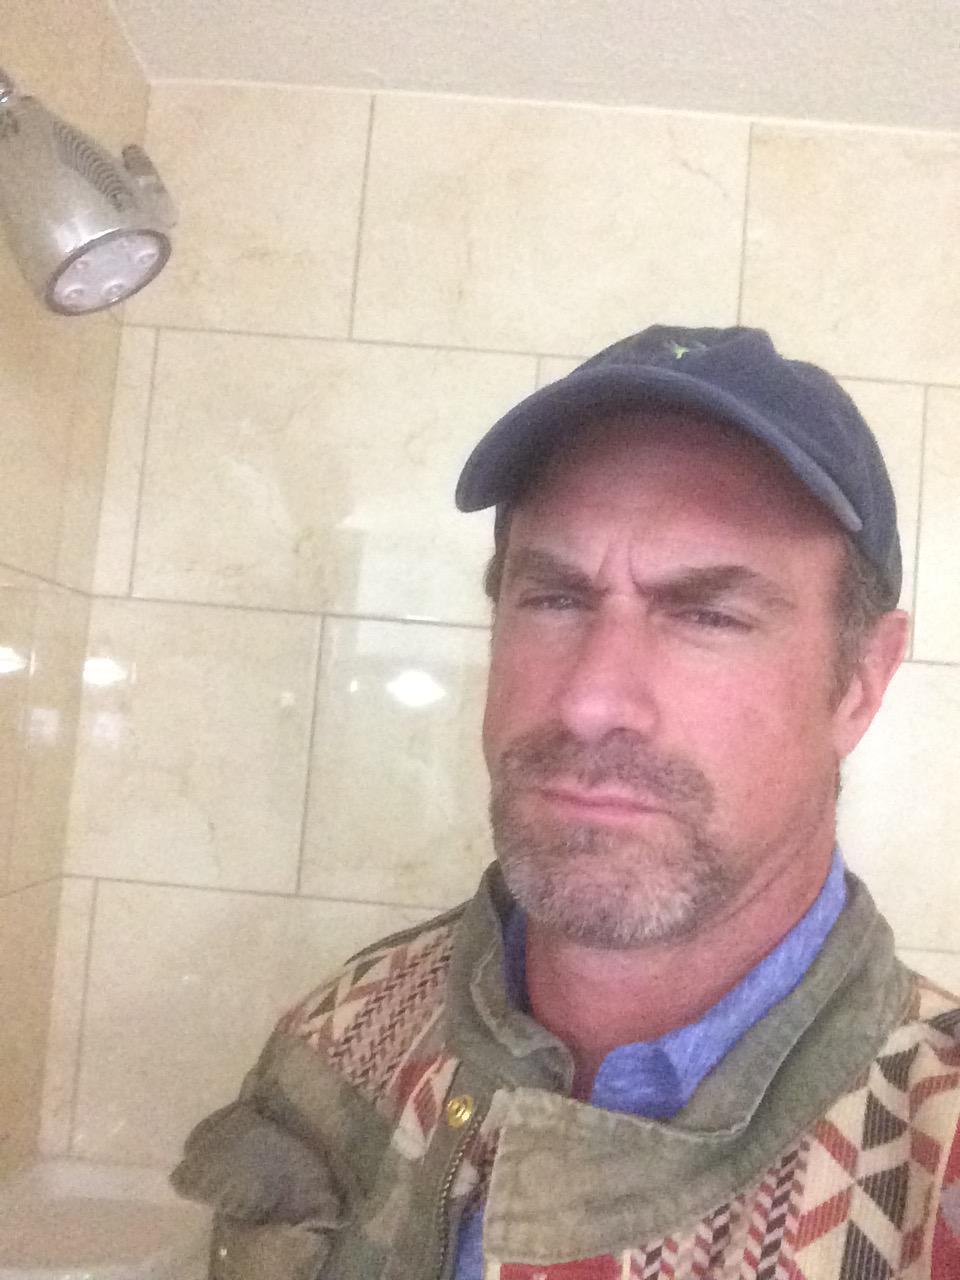 Chris meloni on twitter shower selfie yaaaaaah http for Meloni arredamenti oristano